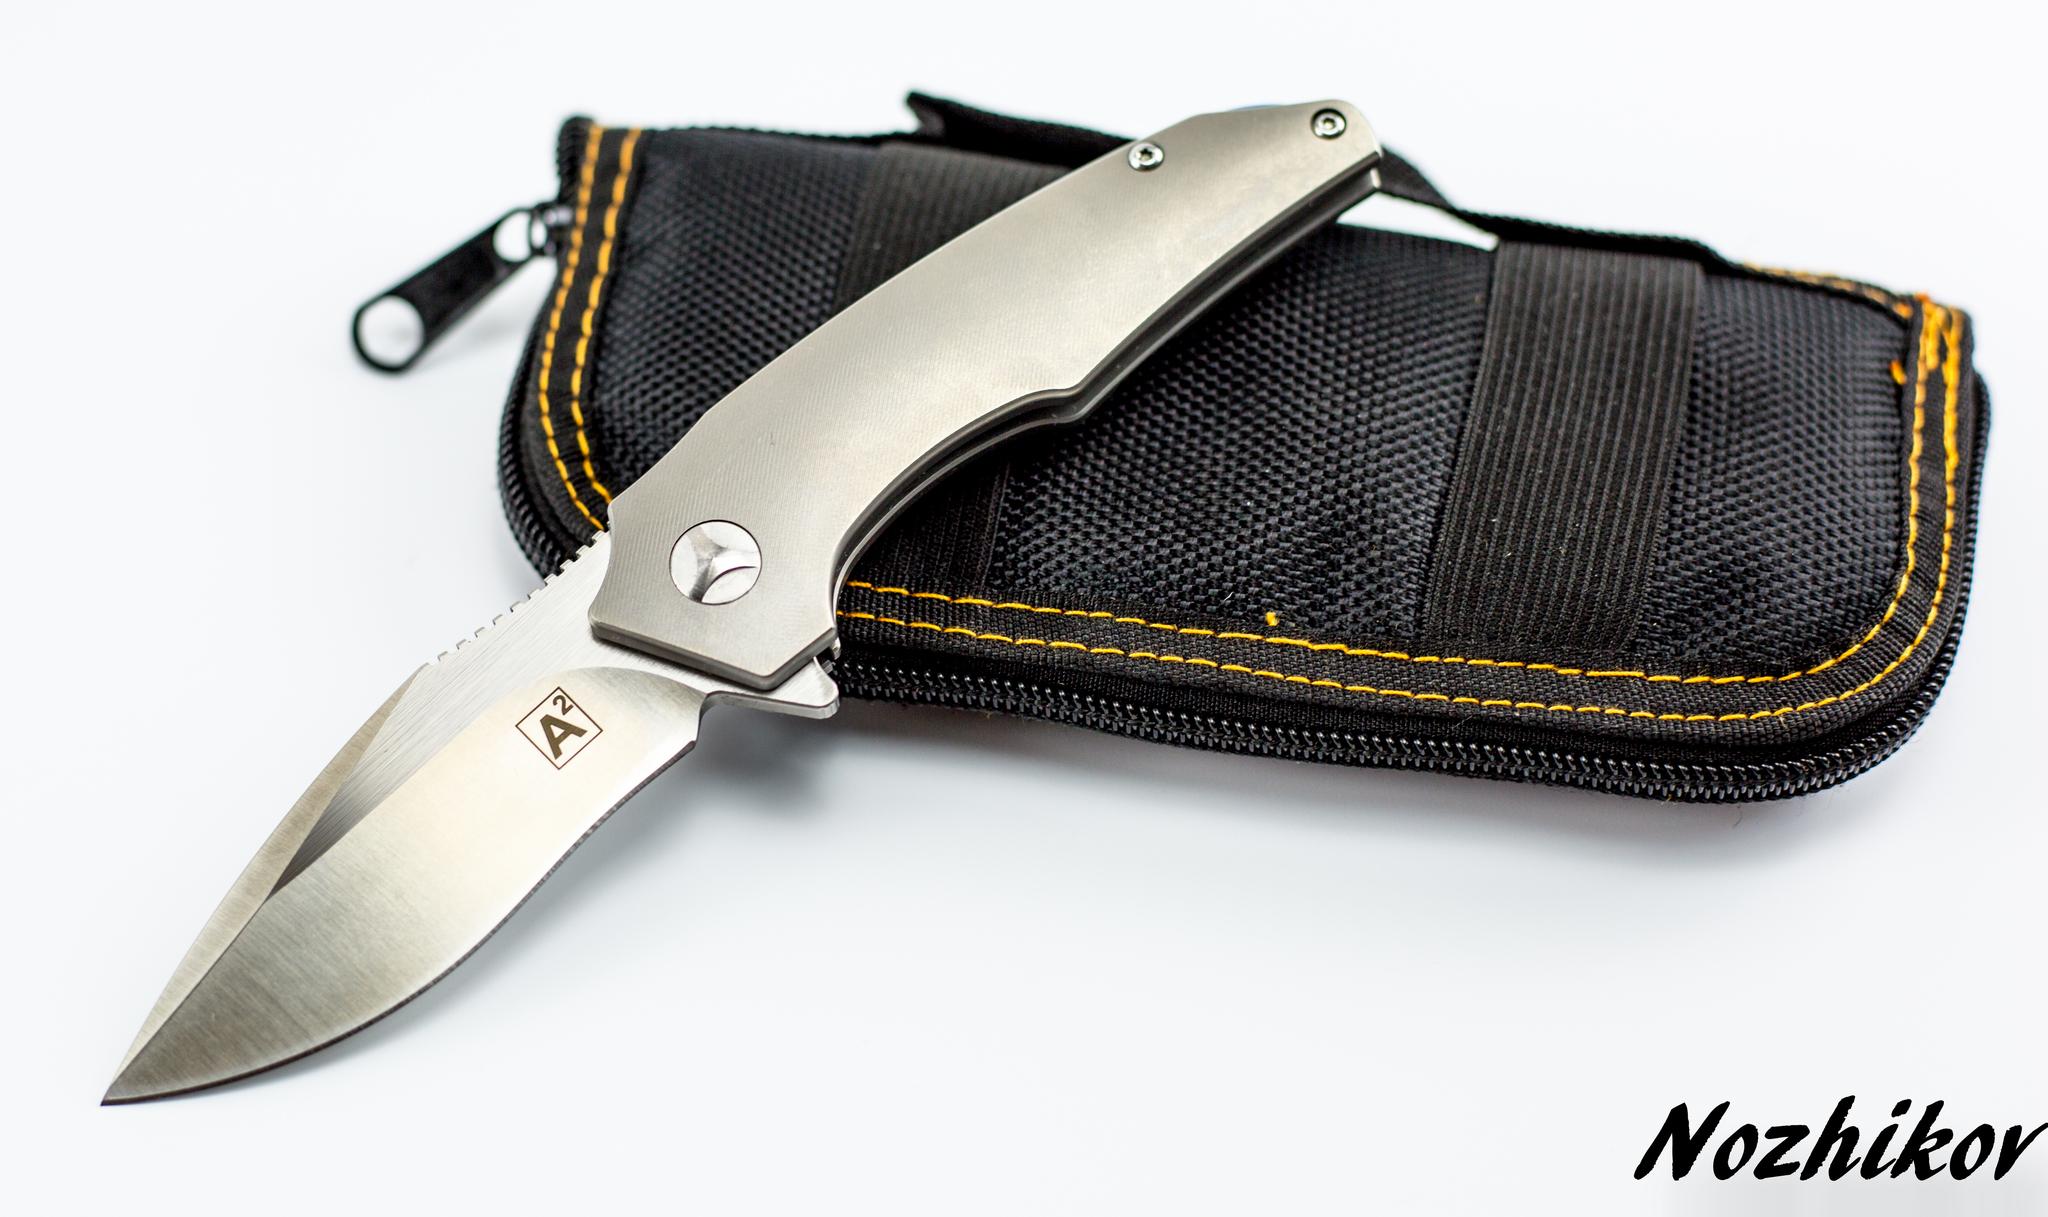 Складной нож Zeus , сталь m390Раскладные ножи<br>Если «большие тактические складни» наводят на вас тоску, а нож все равно нужен - обратите внимание на этого малыша. Складной городской нож ZEUS , СТАЛЬ M390 разработан для комфортного ношения и ежедневного использования. При этом он обладает атрибутами «взрослого» тактического ножа: клинок из ламинированной порошковой стали, надежная металлическая клипса, эргономичная рукоять из облегченного титанового сплава. Для удобства открывания правой или левой рукой, клипса может размещаться на любой стороне рукояти. Нож комплектуется удобным кейсом из сентетического материала для хранения и транспортировки.<br>